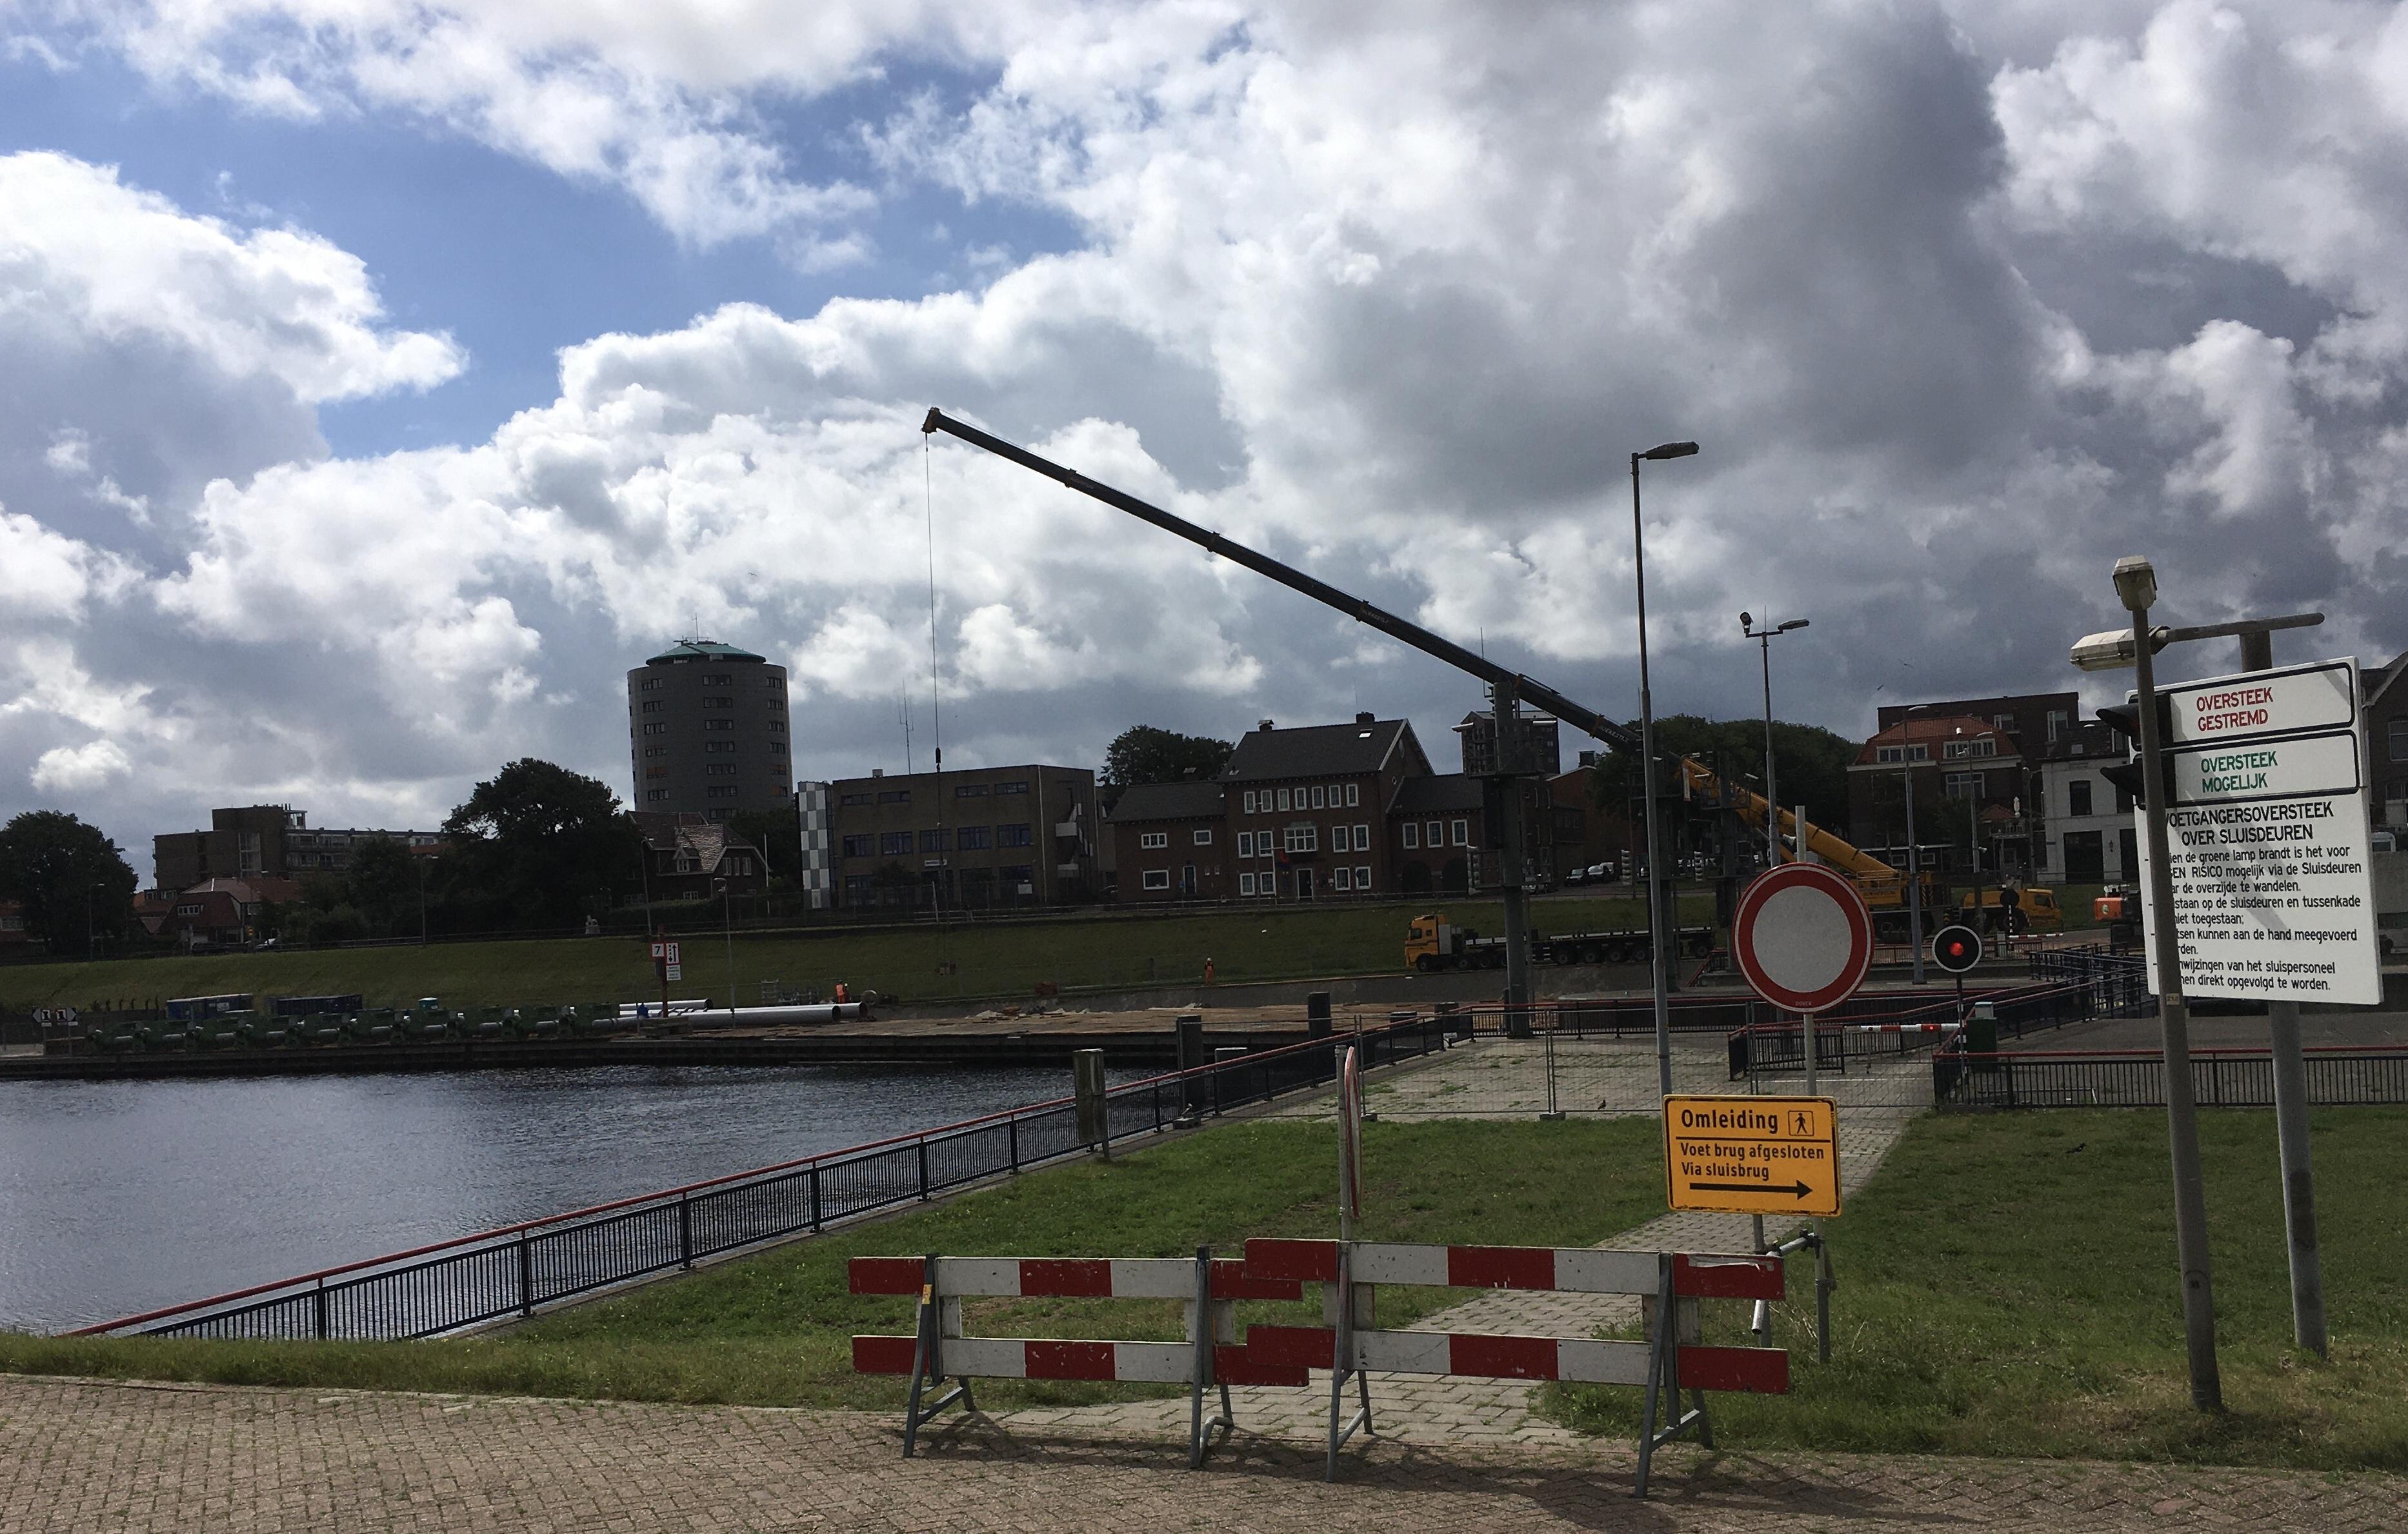 Agnes Quaytaal staat voor de vierde keer in IJmuiden voor de brug te wachten door de komst van 31 noodpompen: 'Het begint inderdaad wel irritant te worden'